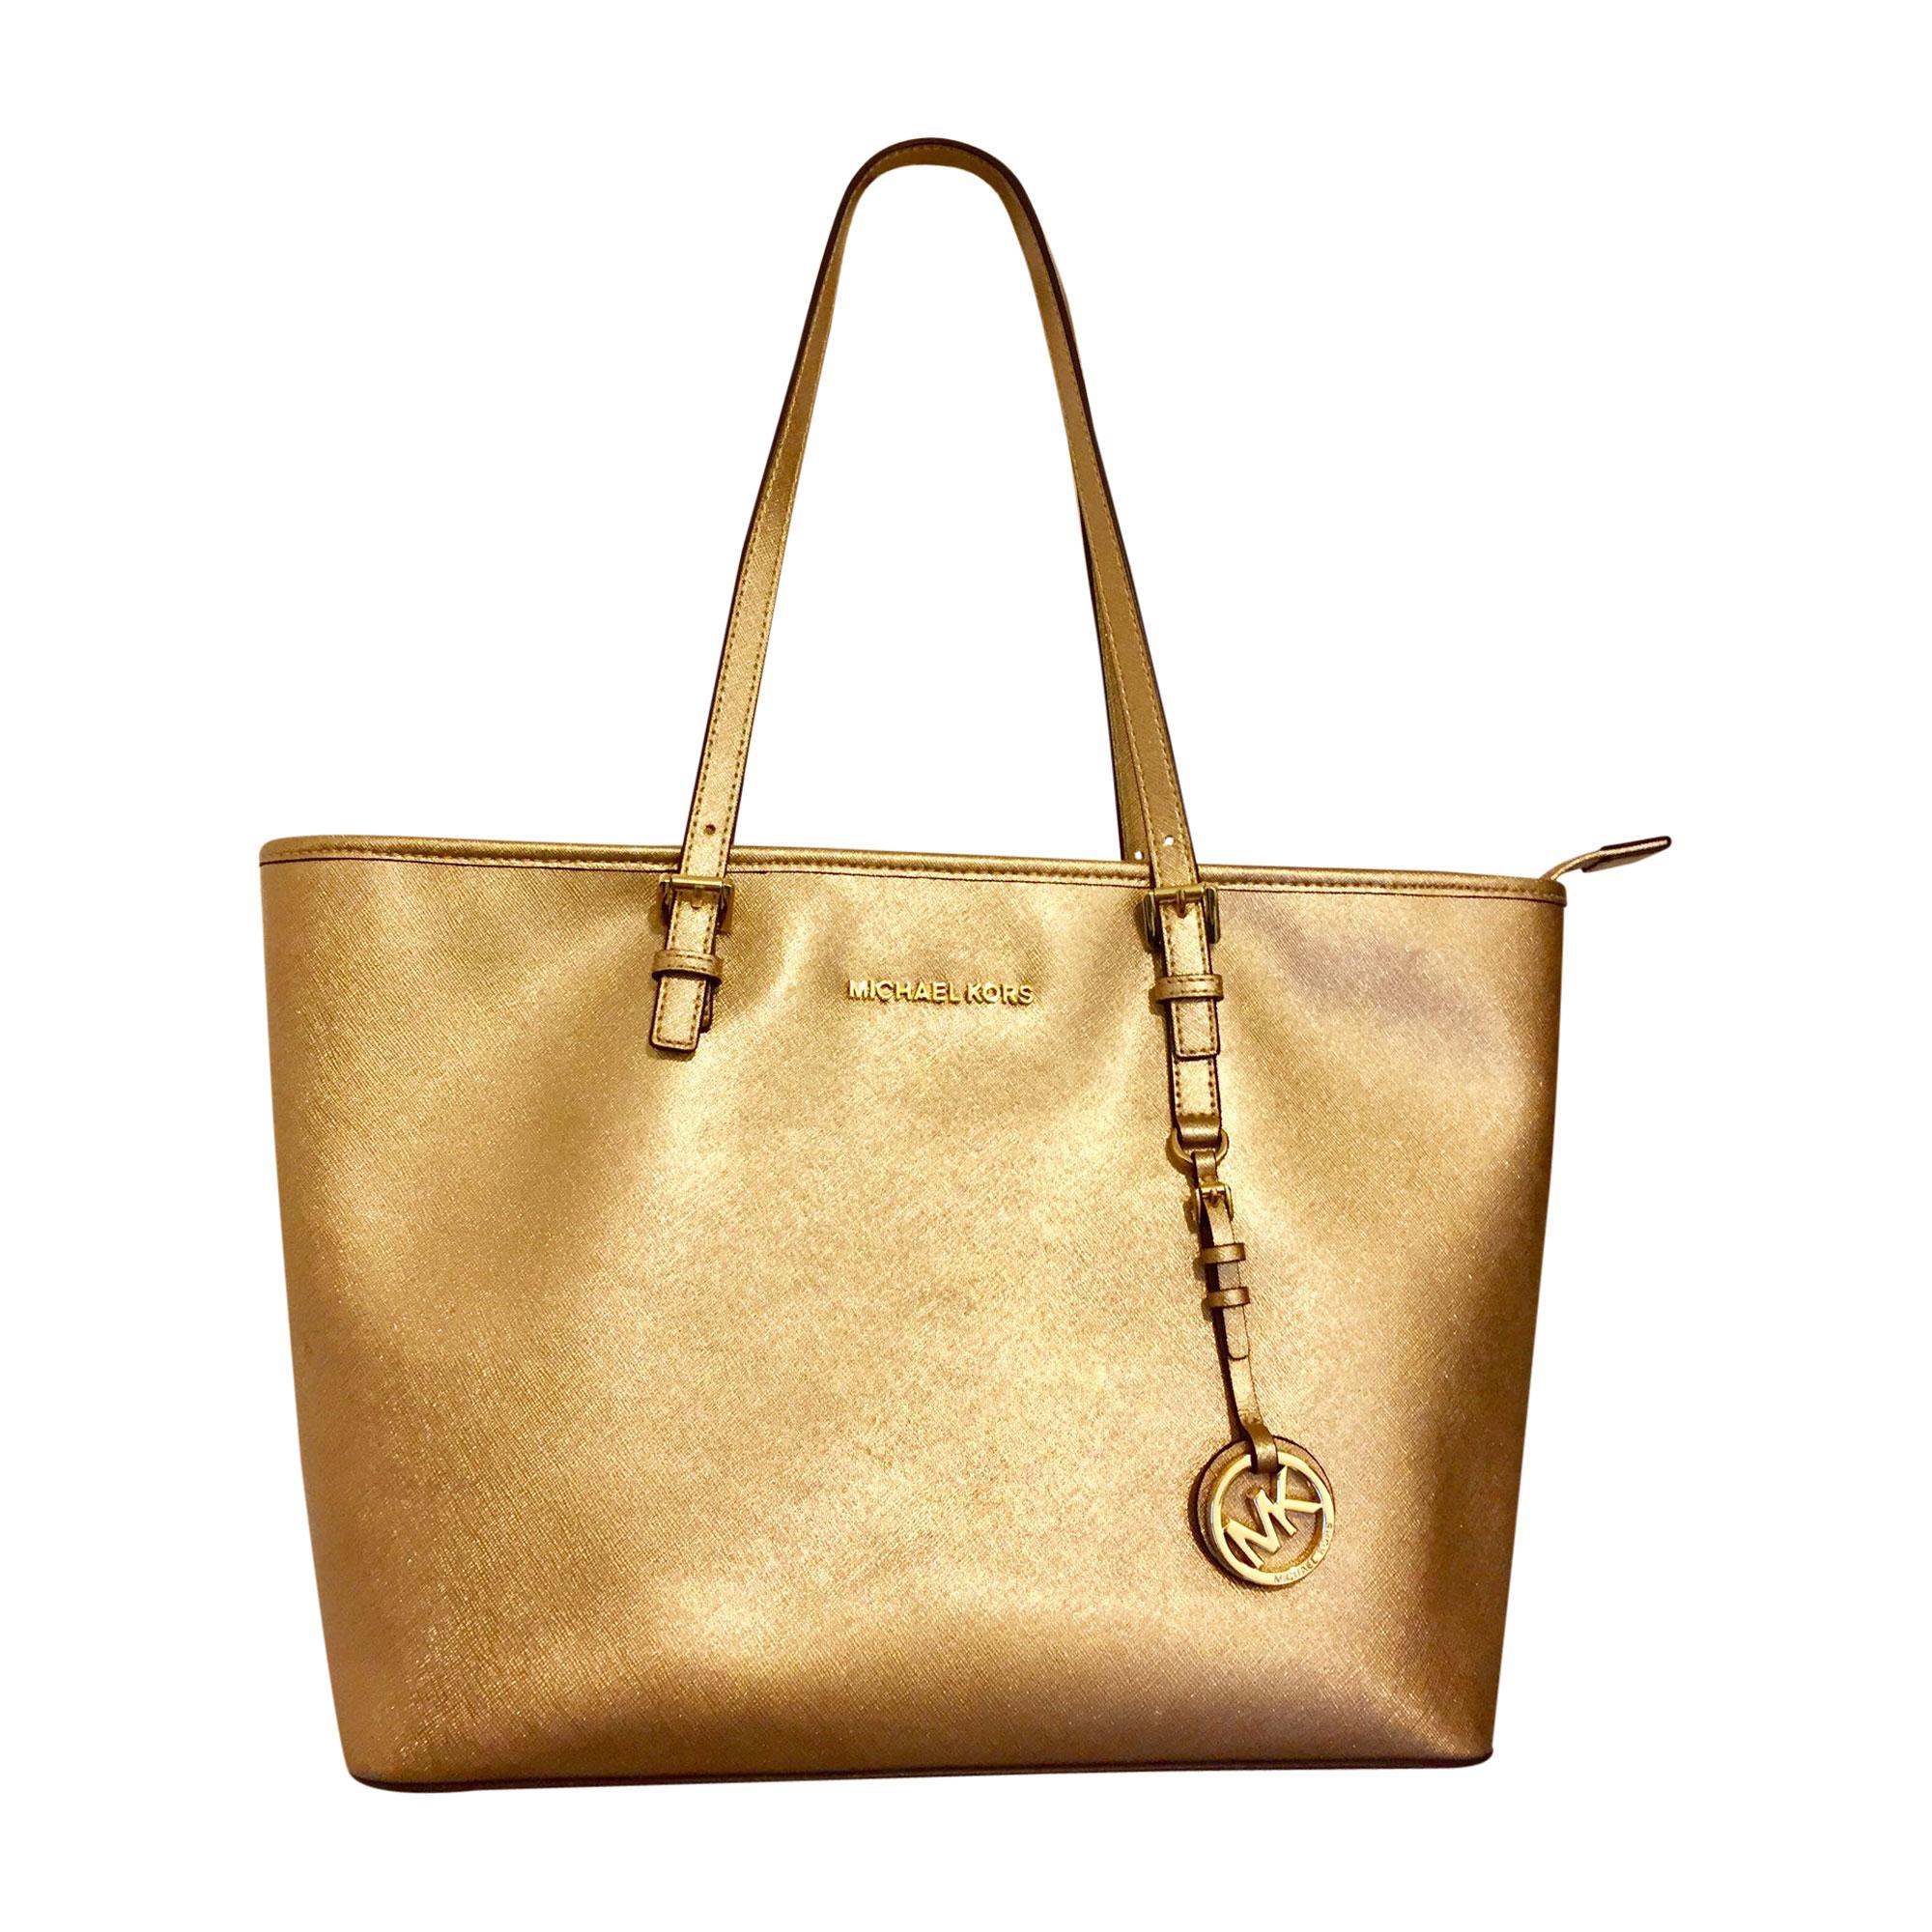 Leather Handbag MICHAEL KORS Golden, bronze, copper